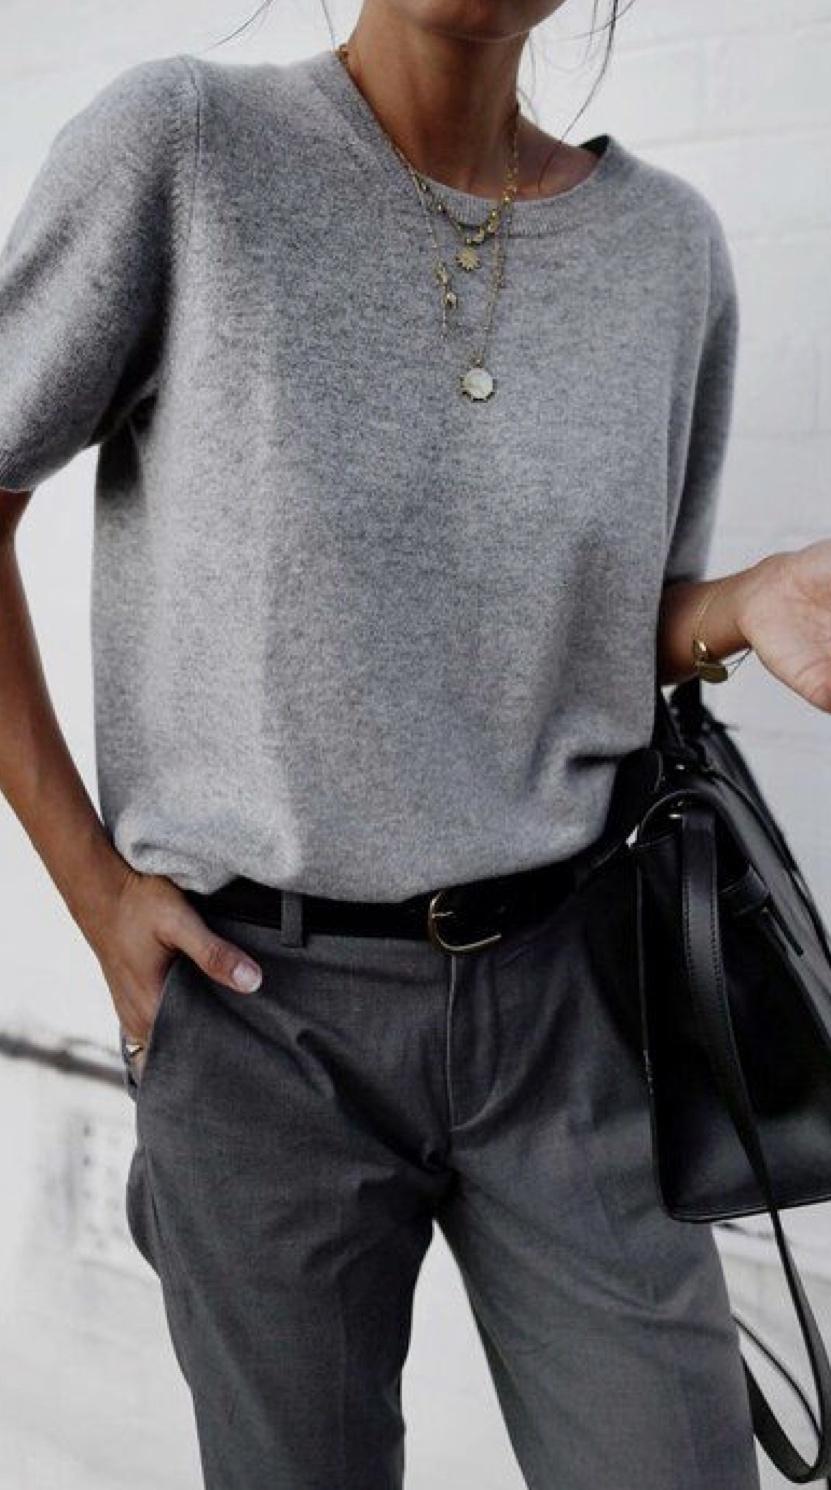 Базовый гардероб футболка, футболка, как носить футболку